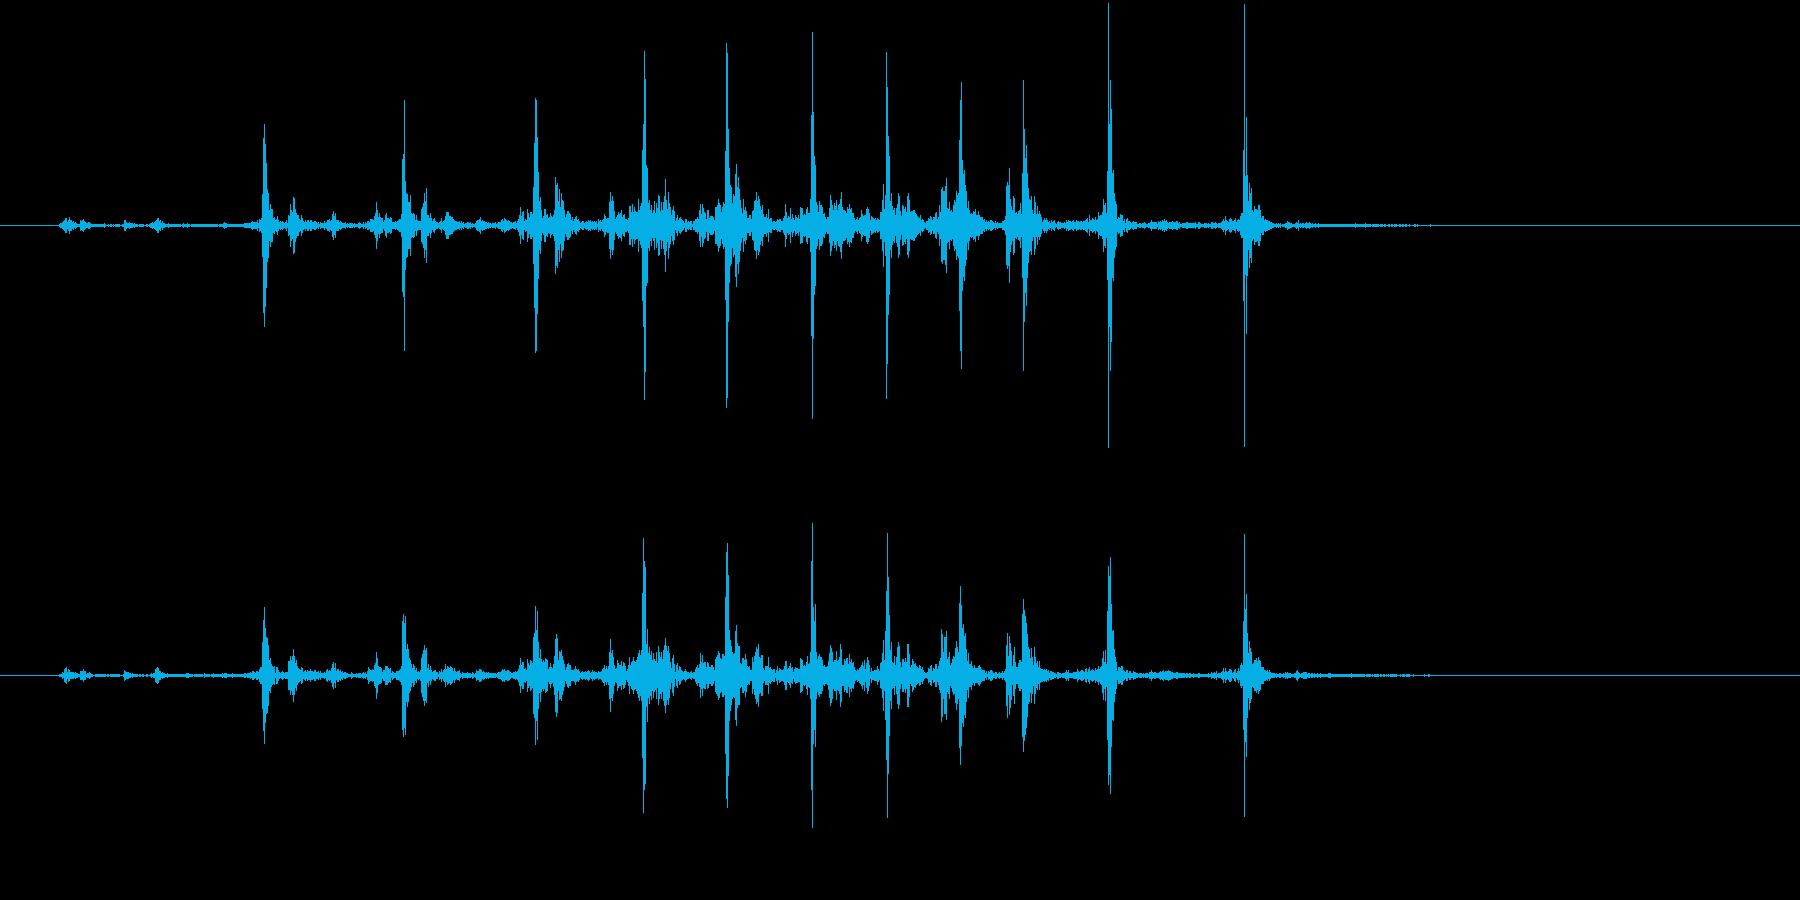 【生録音】カッターナイフの音 22の再生済みの波形